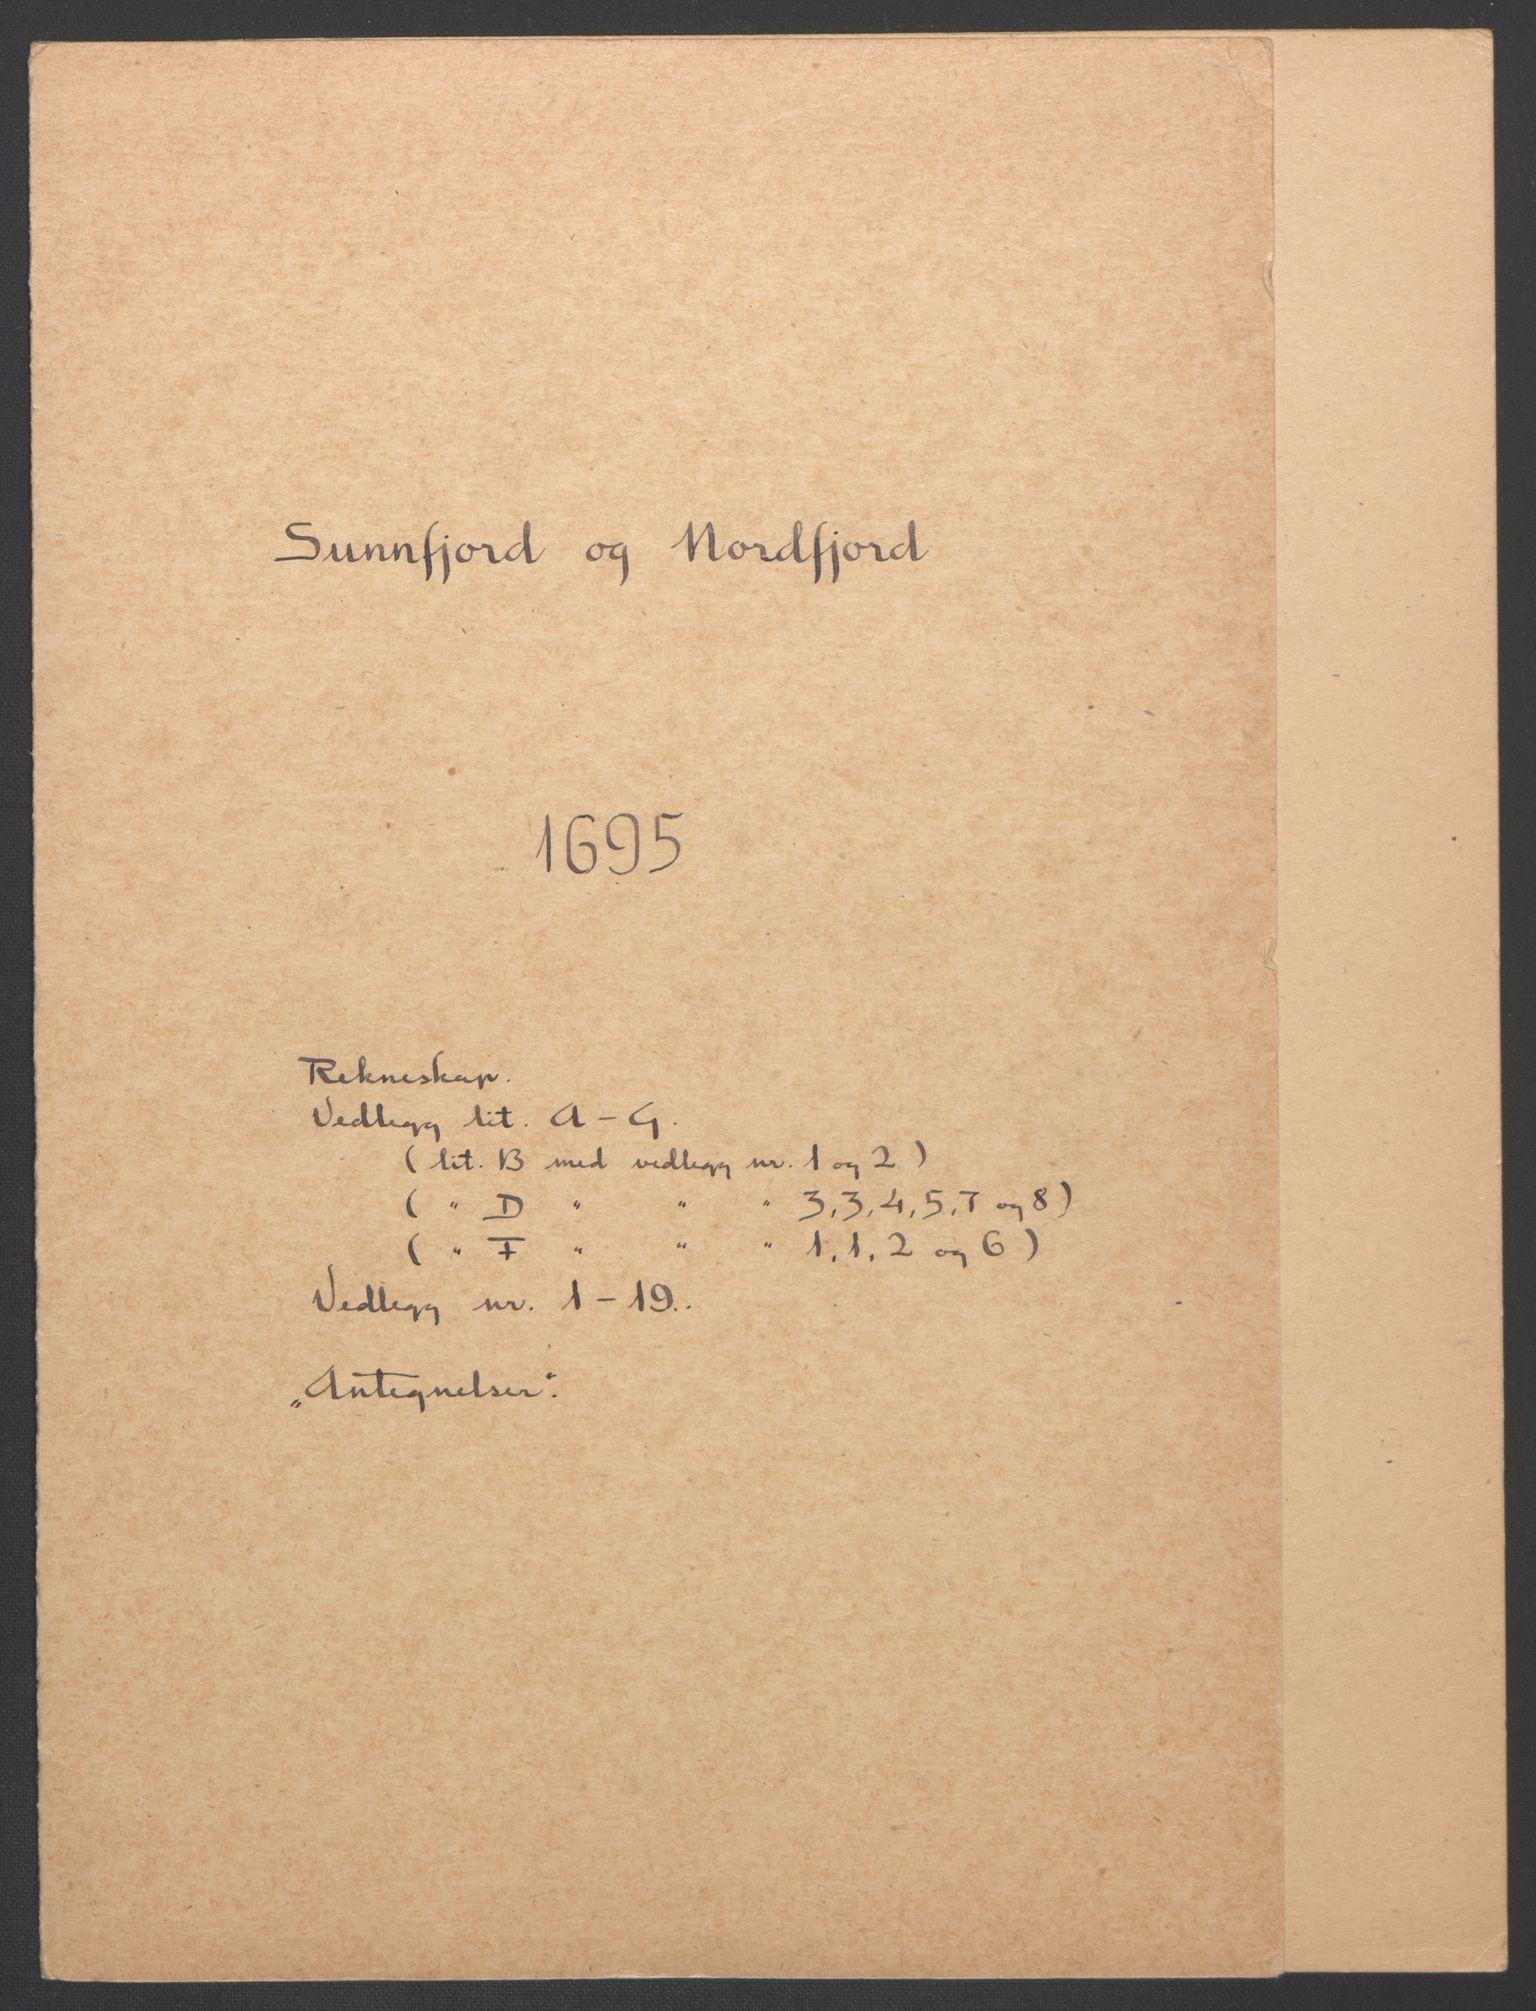 RA, Rentekammeret inntil 1814, Reviderte regnskaper, Fogderegnskap, R53/L3422: Fogderegnskap Sunn- og Nordfjord, 1695-1696, s. 3